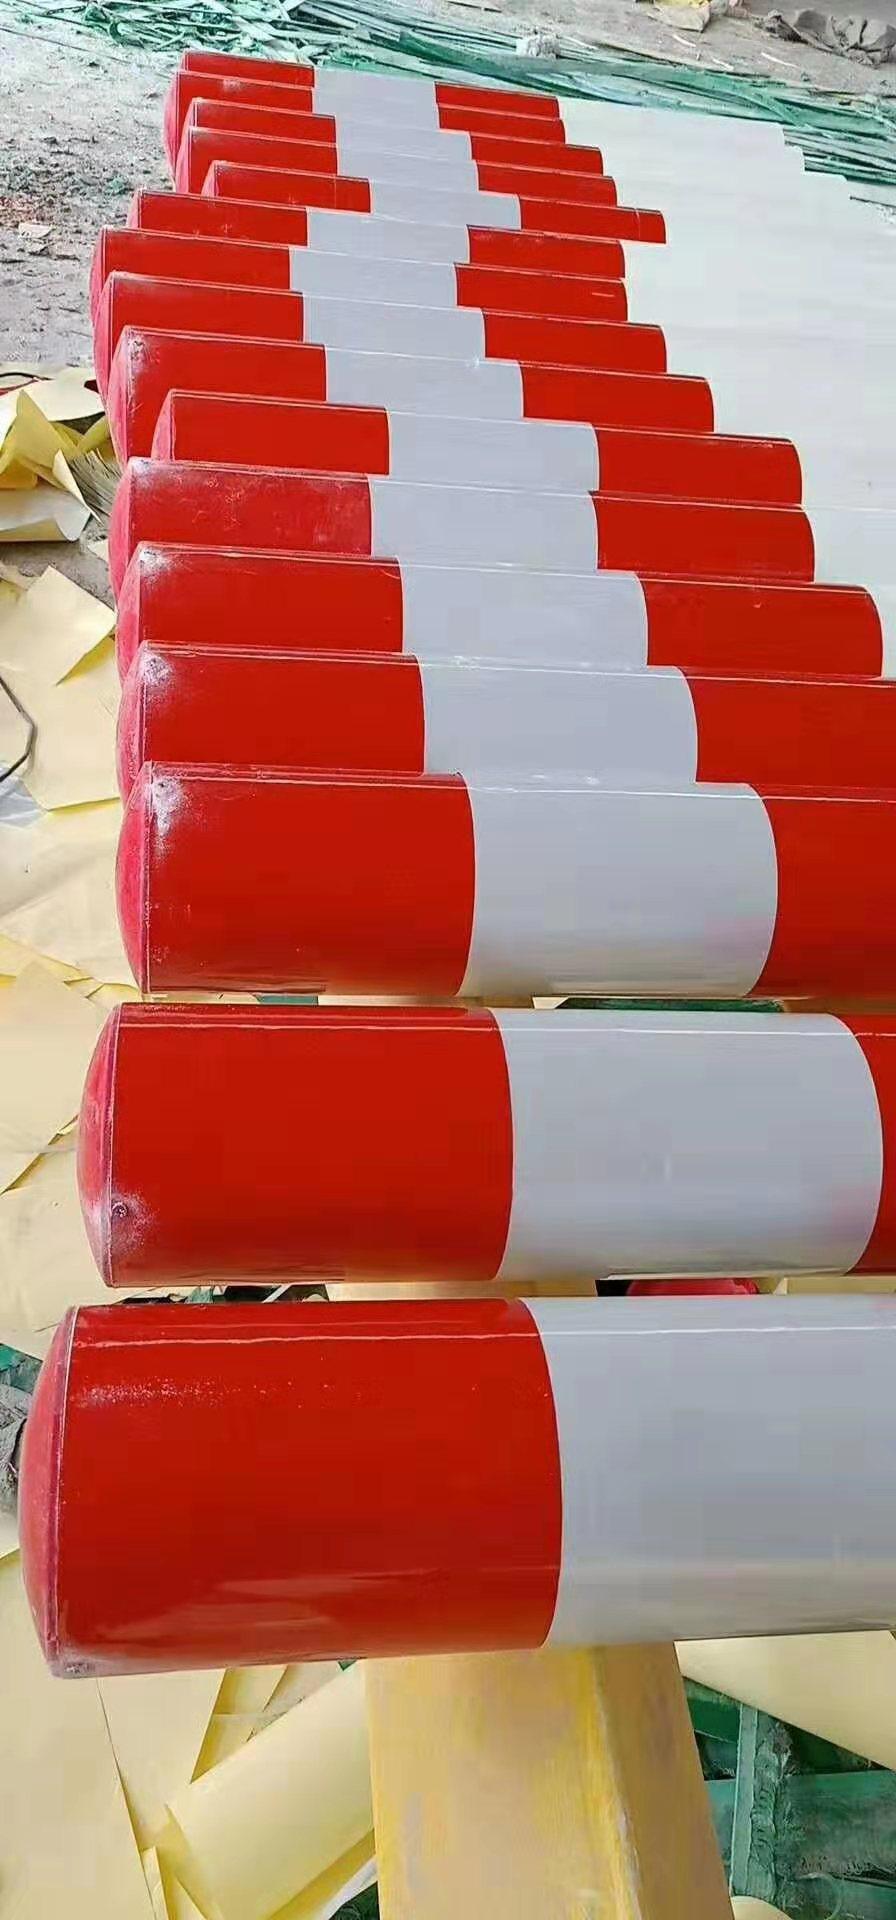 玻璃钢警示柱生产厂家|好用的玻璃钢警示柱推荐